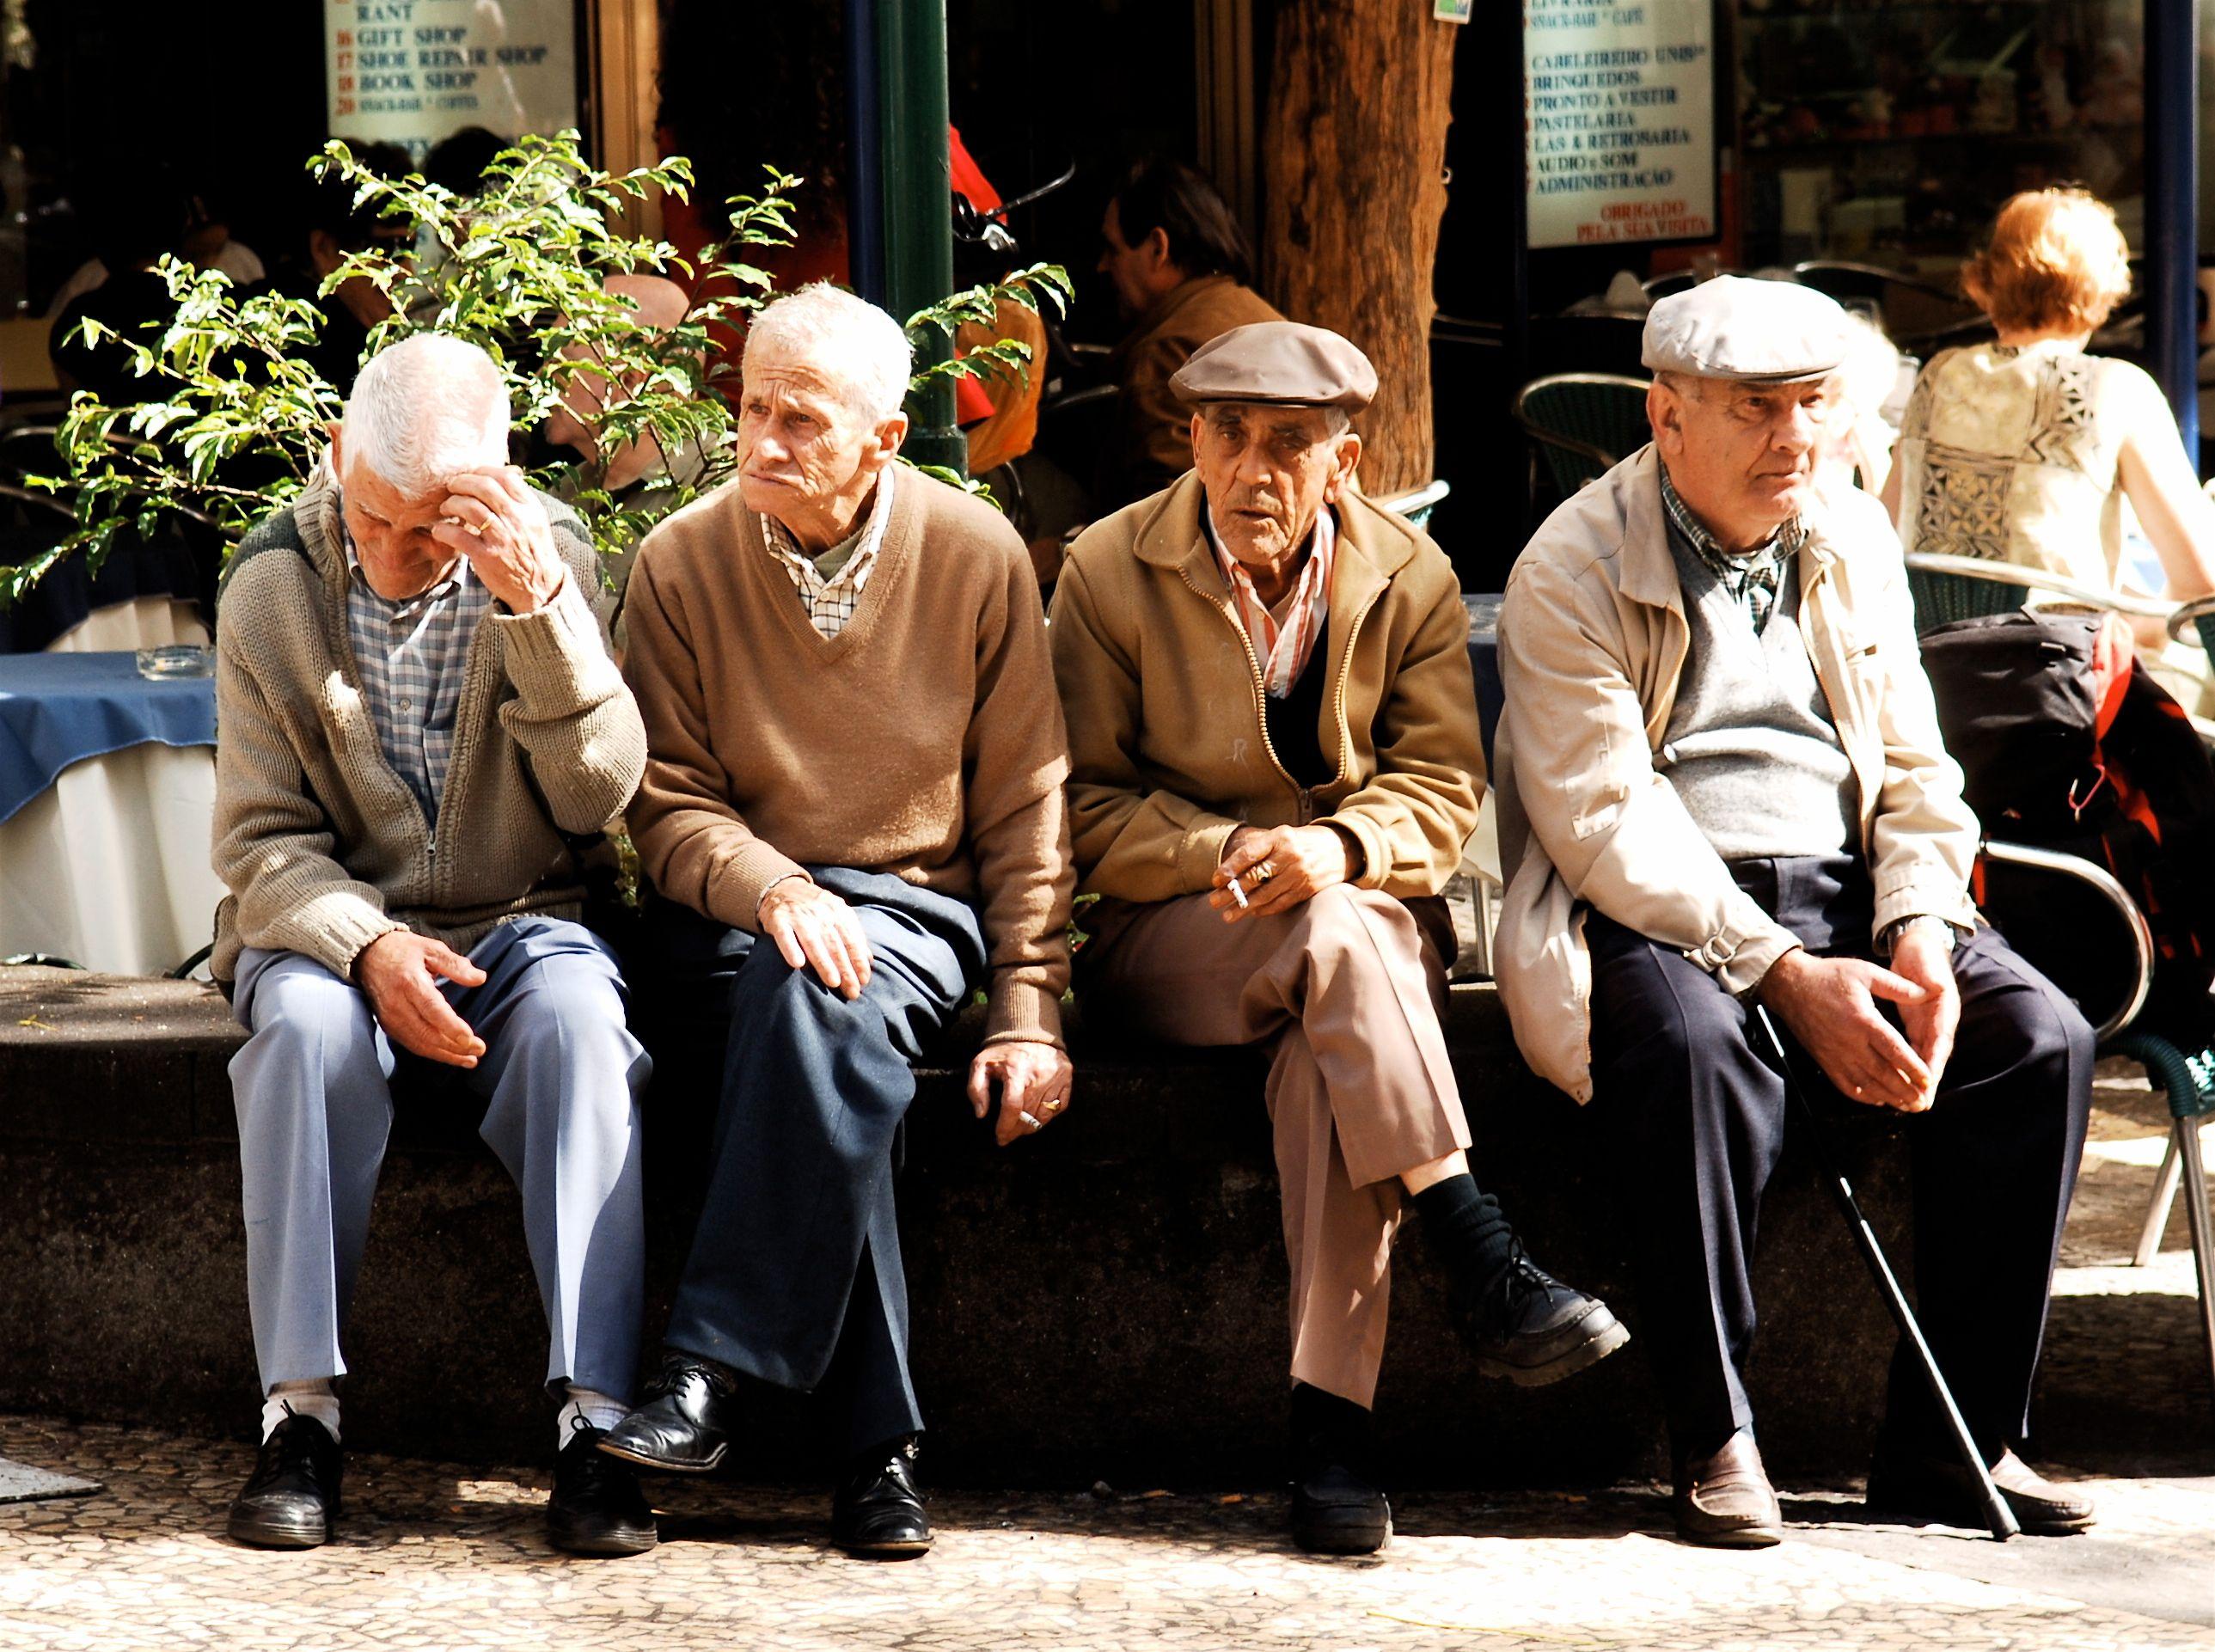 Espérance de vie et santé : ces catégories sociales qui décrochent